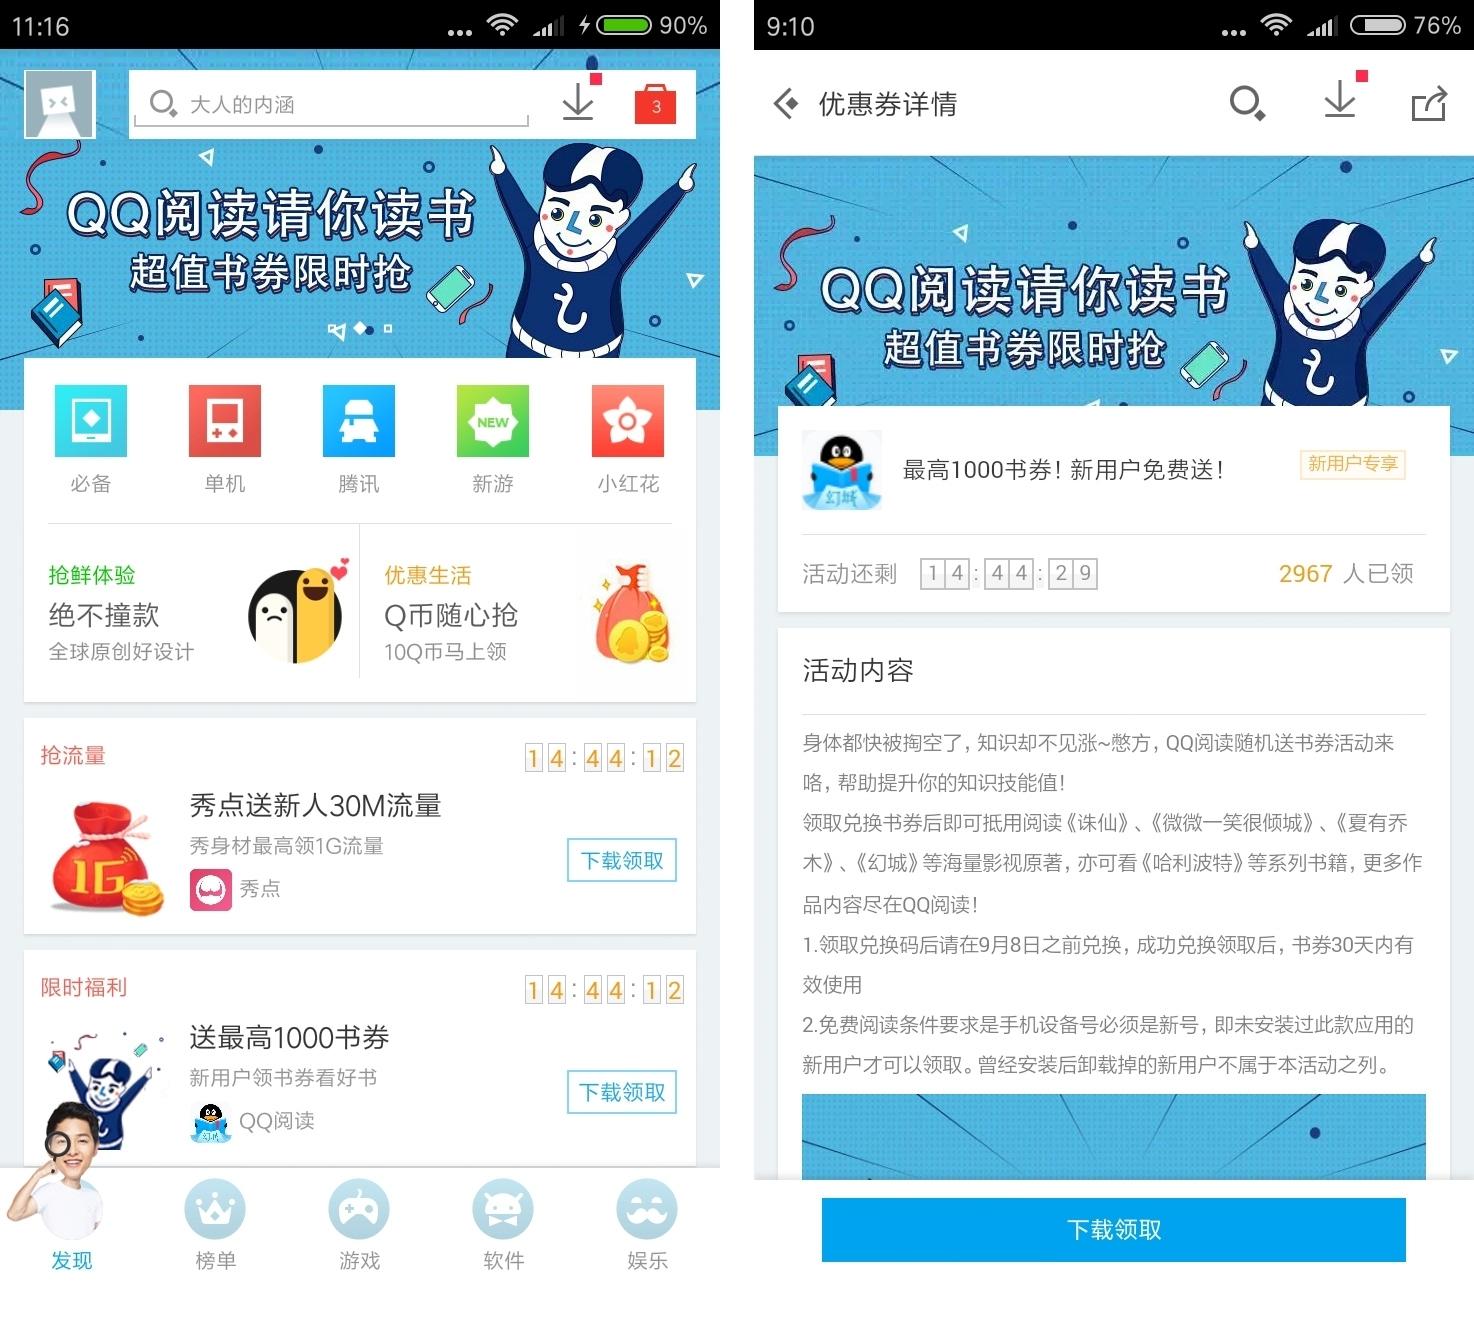 应用宝限时抢QQ阅读书券 《诛仙》、《微微一笑》原著免费读